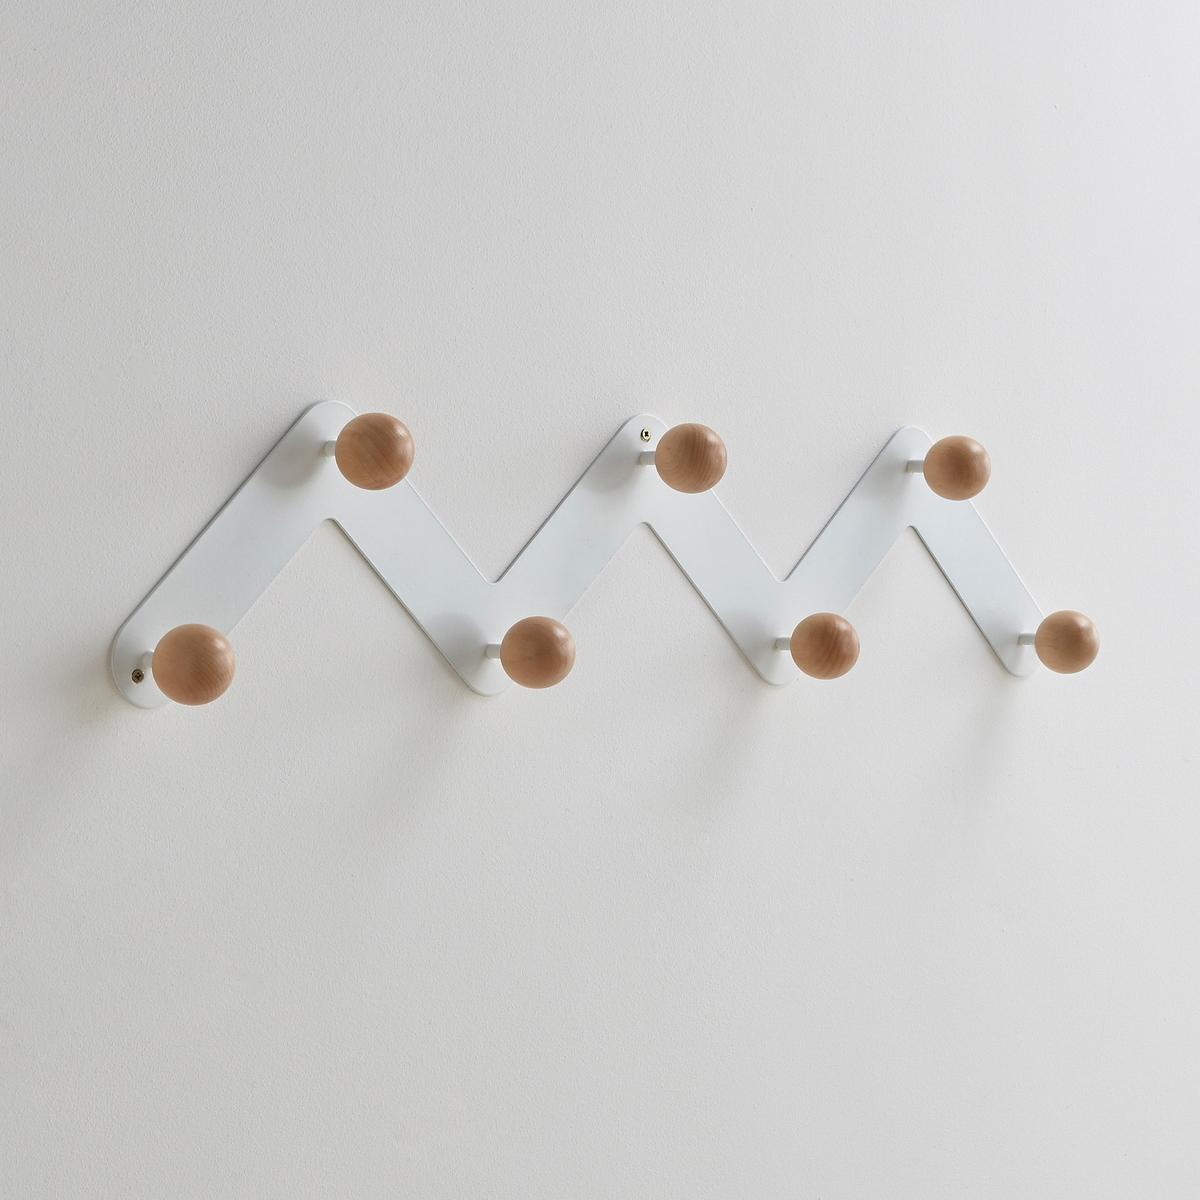 Вешалка настенная AGAMA с 7 держателямиРазмеры:Диаметр: 5 см.Ширина: 89,7.Высота: 19 см.Глубина: 7,5 см.<br><br>Цвет: белый,черный